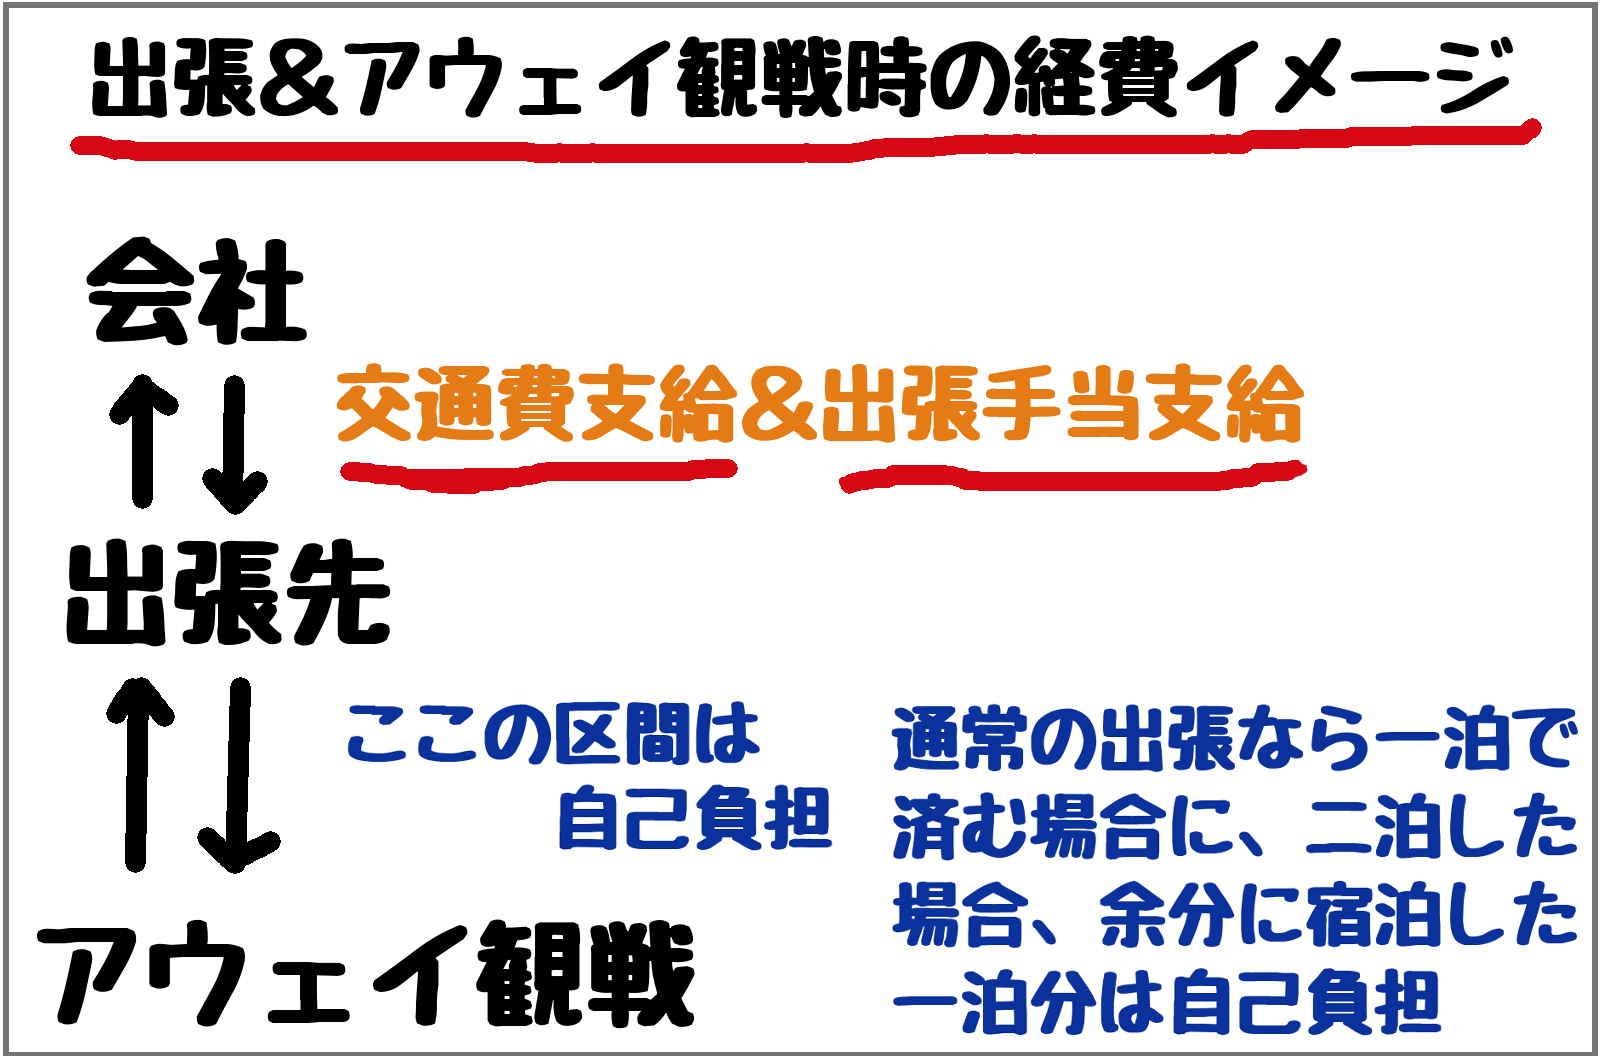 徳島ヴォルティスサポーター採用制度 北村食品 徳島県阿南市新野町